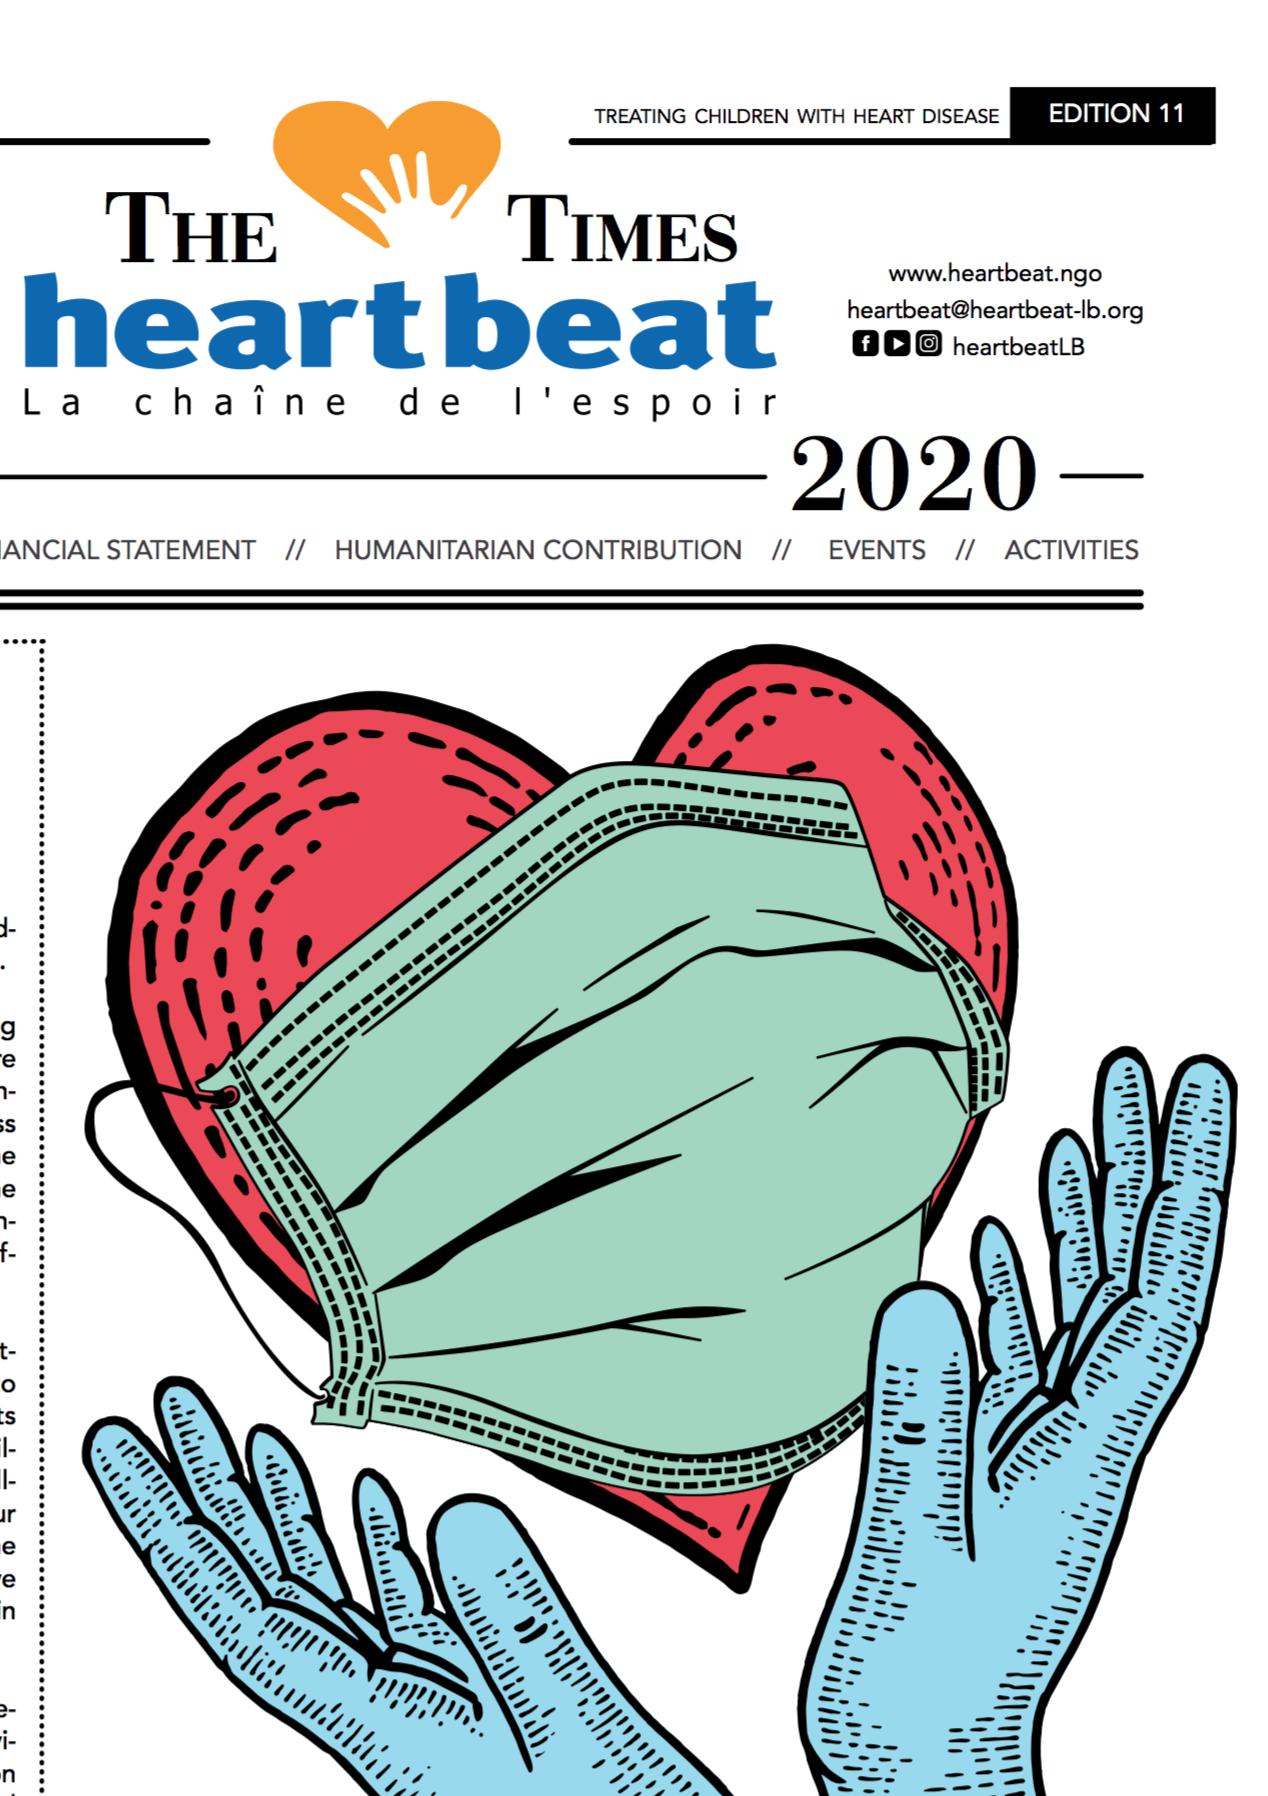 Heartbeat Newsletter 2020